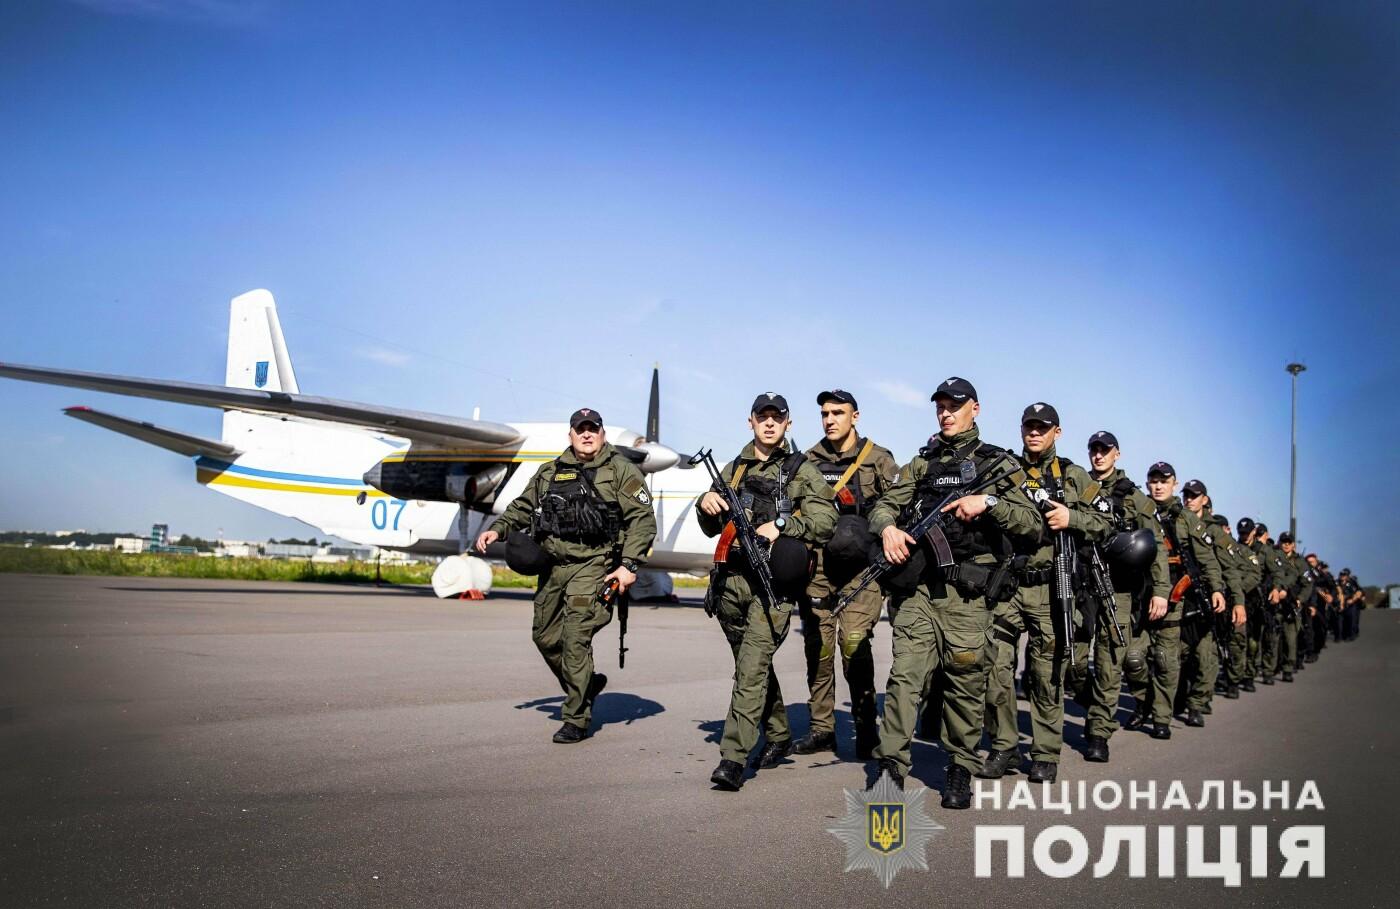 За дотриманням порядку на виборах слідкуватимуть загони авіапідтримки поліції, - ФОТО, фото-1